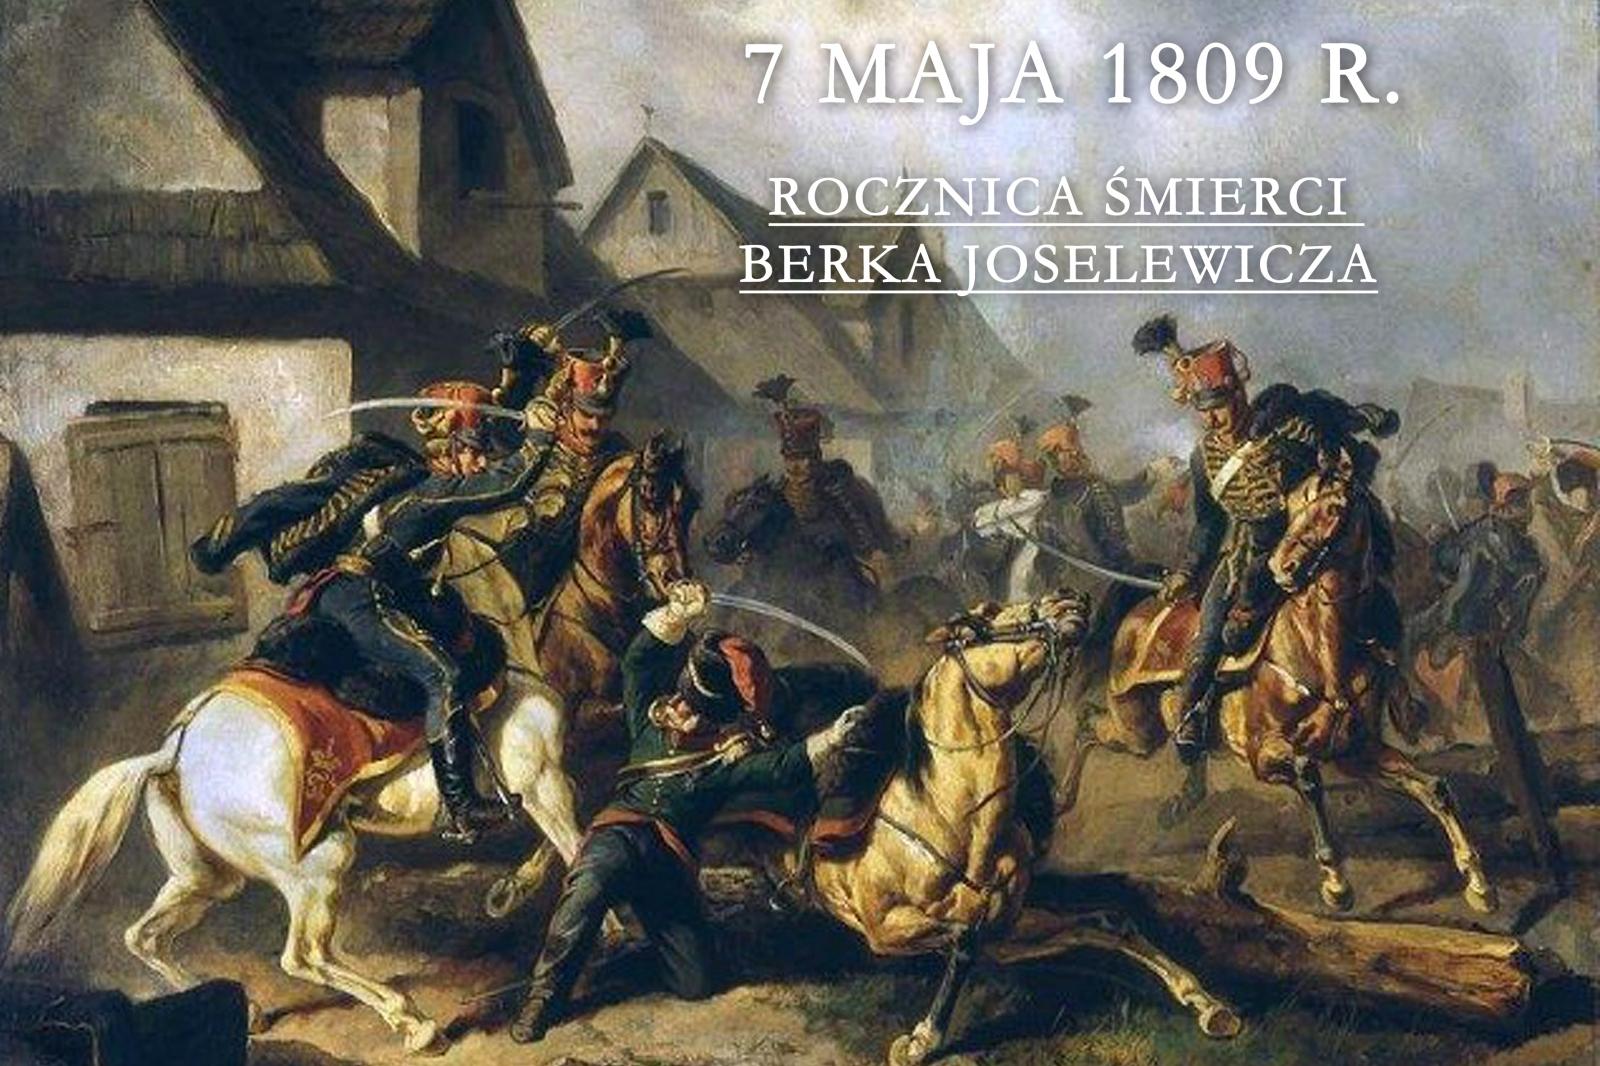 7 MAJA 1809 R. - 211. ROCZNICA ŚMIERCI BERKA JOSELEWICZA